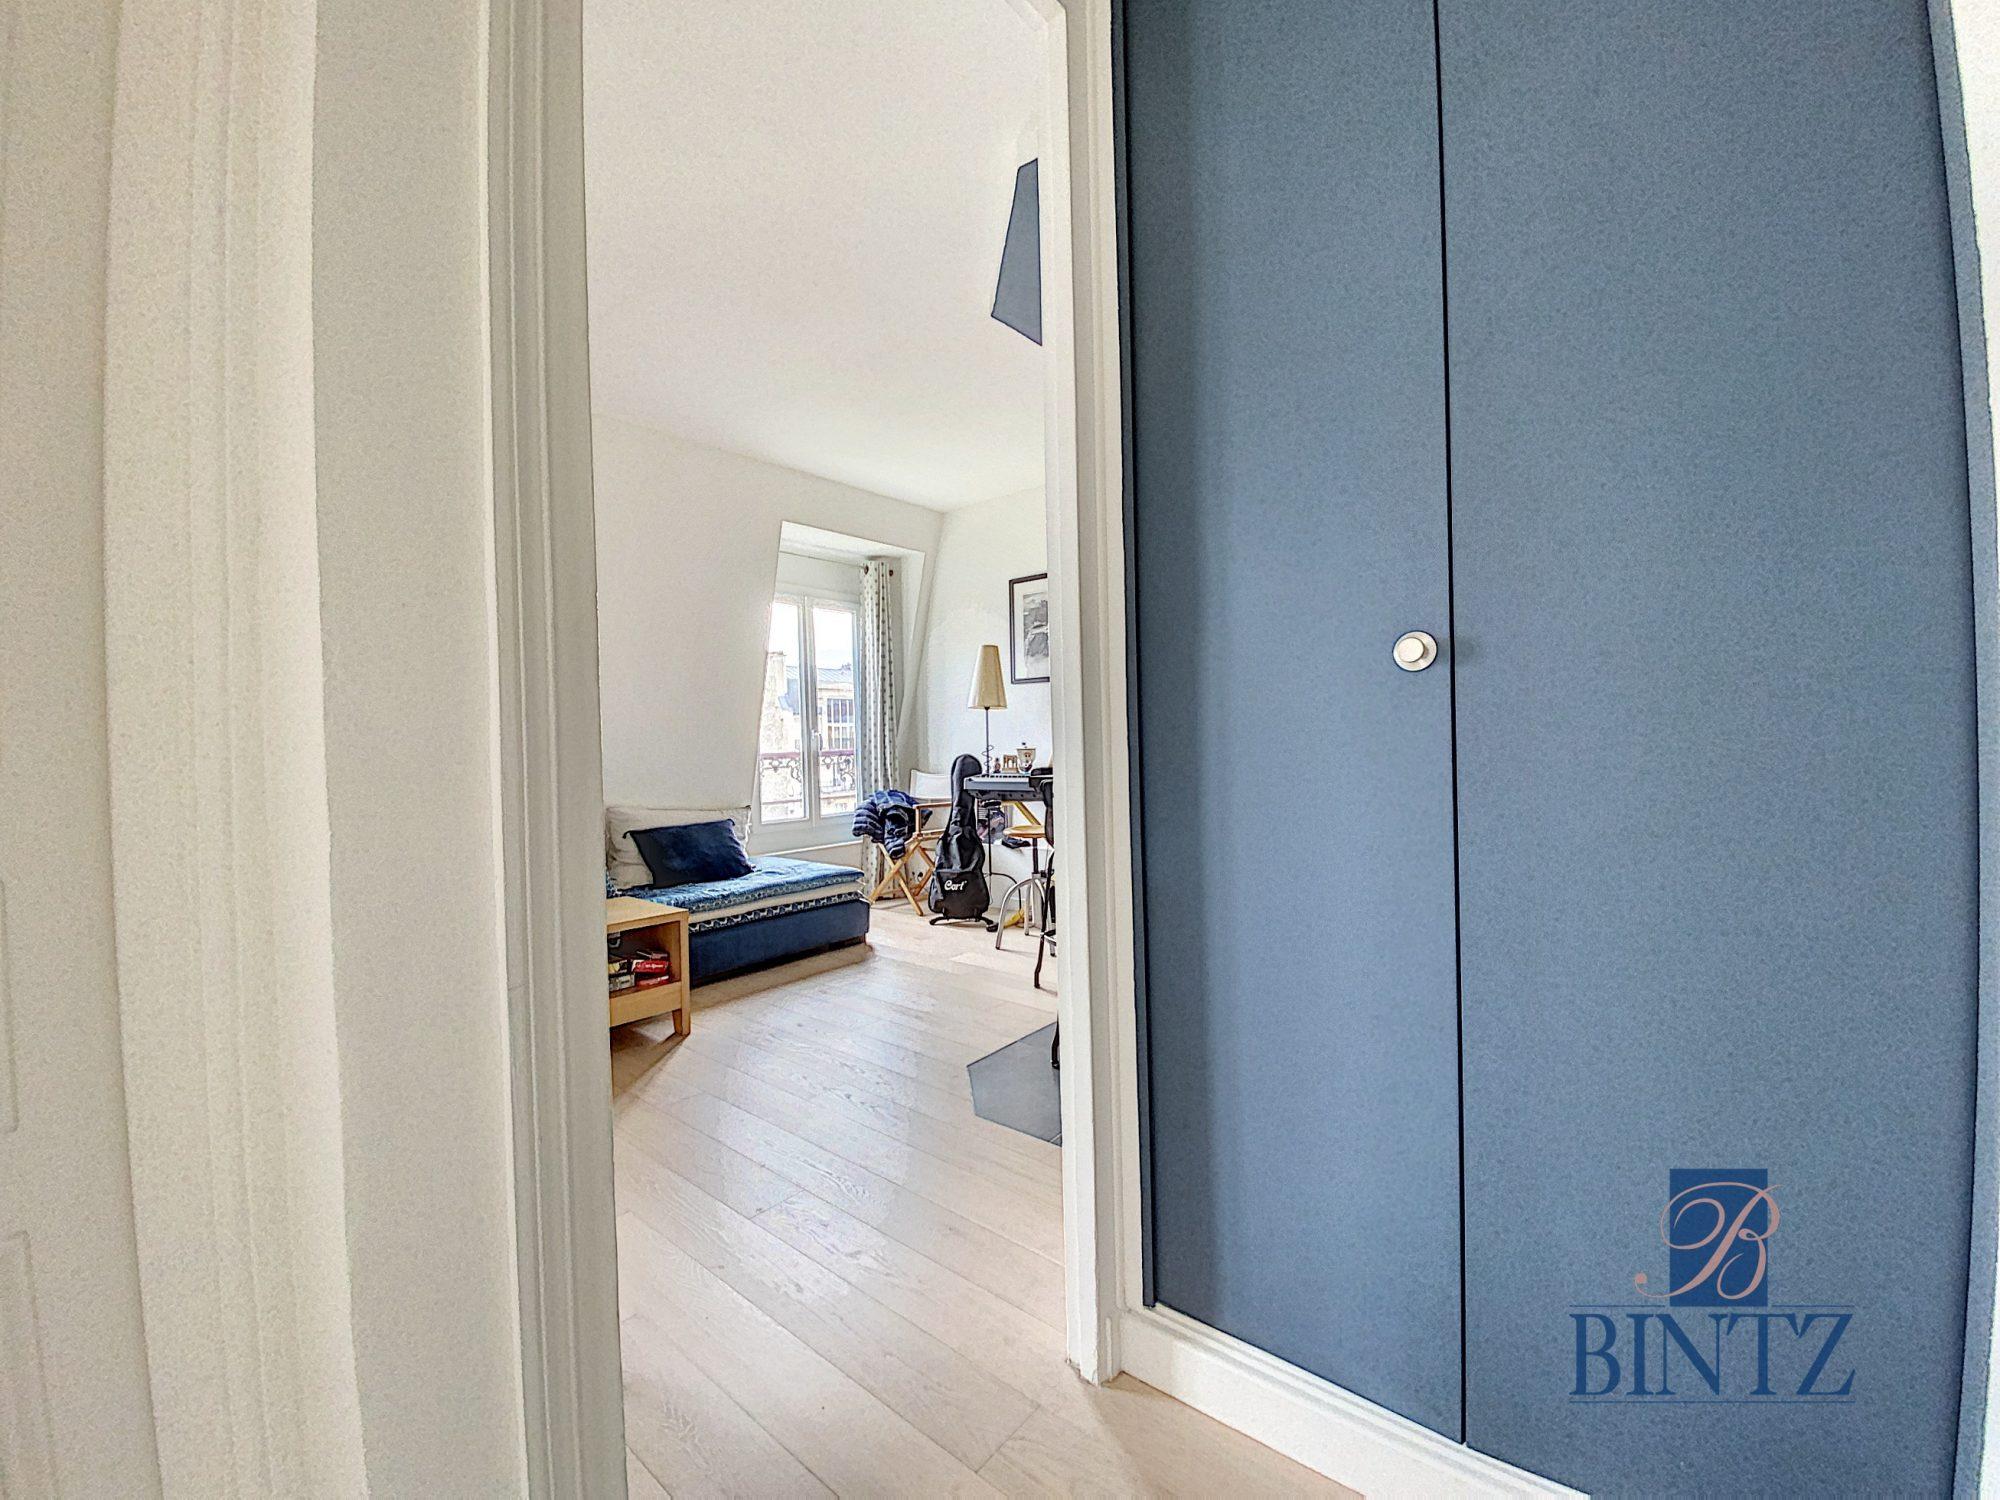 PARIS 17eme – 2 pièces rénové Boulevard Pereire - Devenez propriétaire en toute confiance - Bintz Immobilier - 9